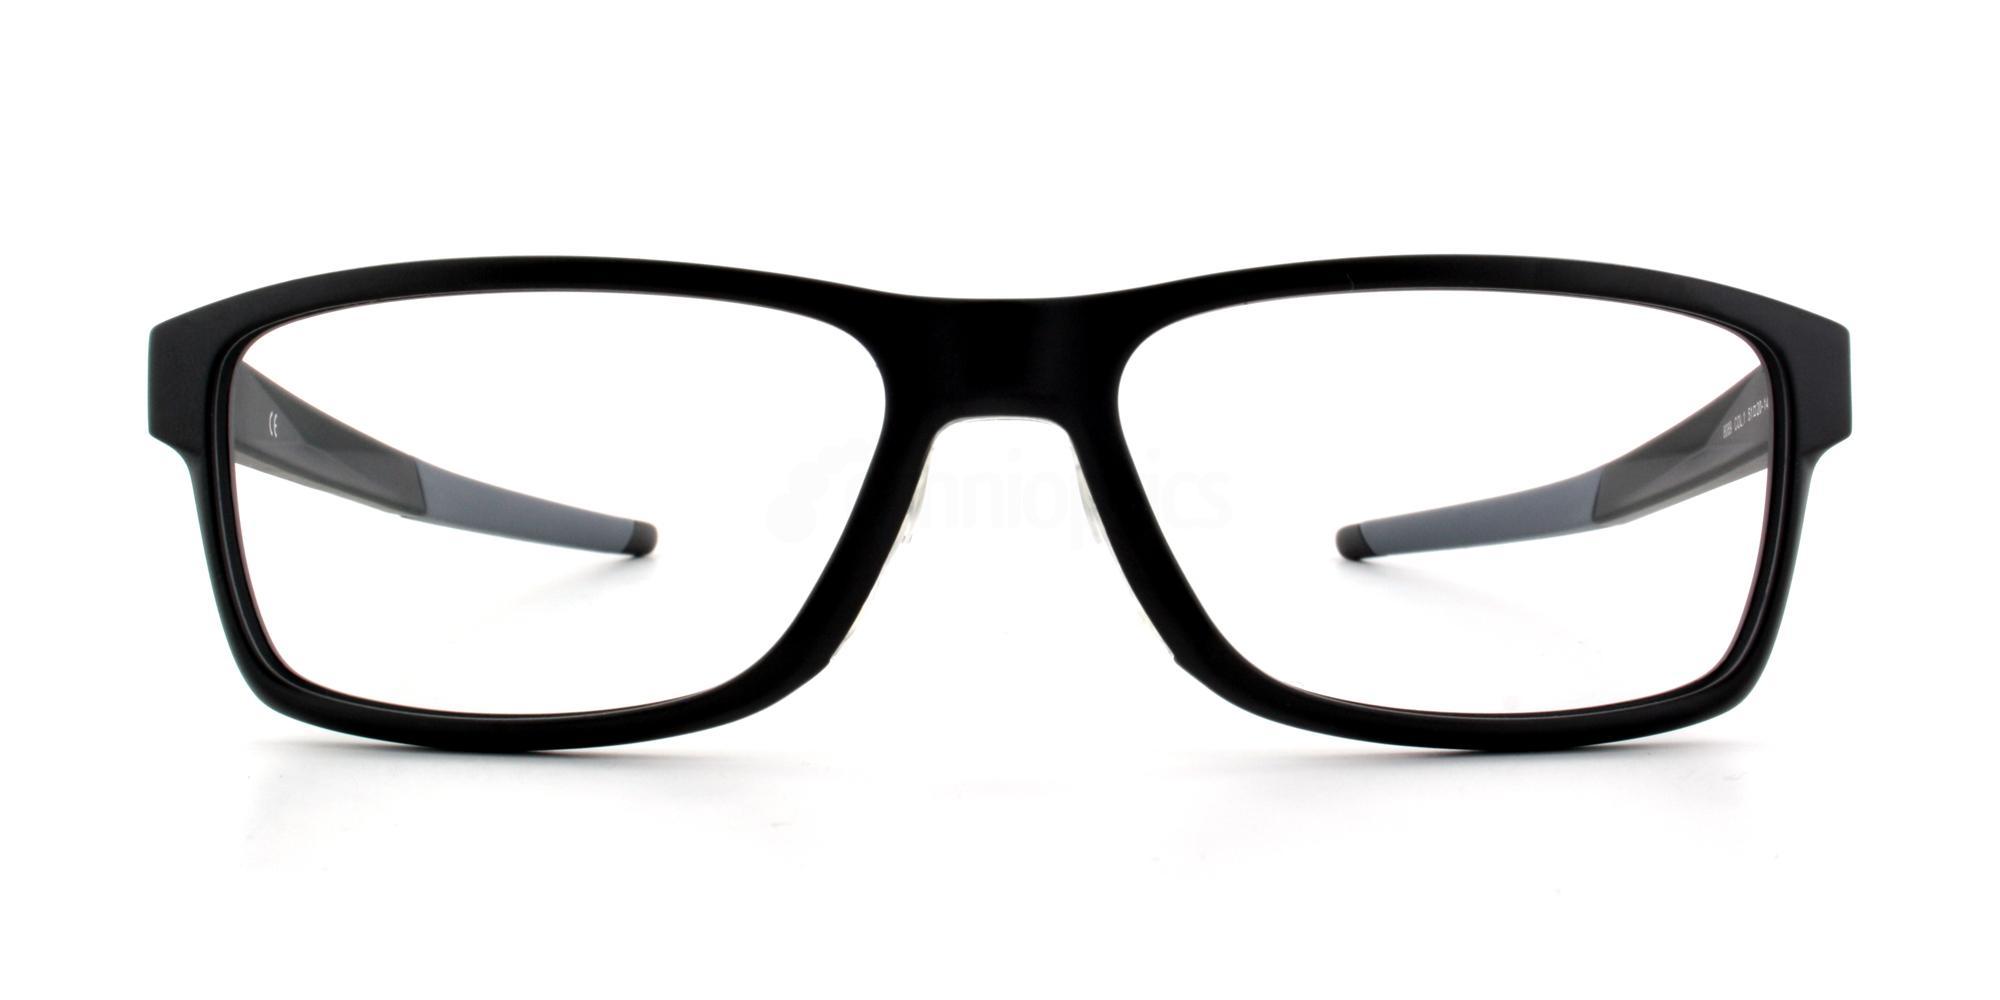 Col. 1 8089 Glasses, Aero